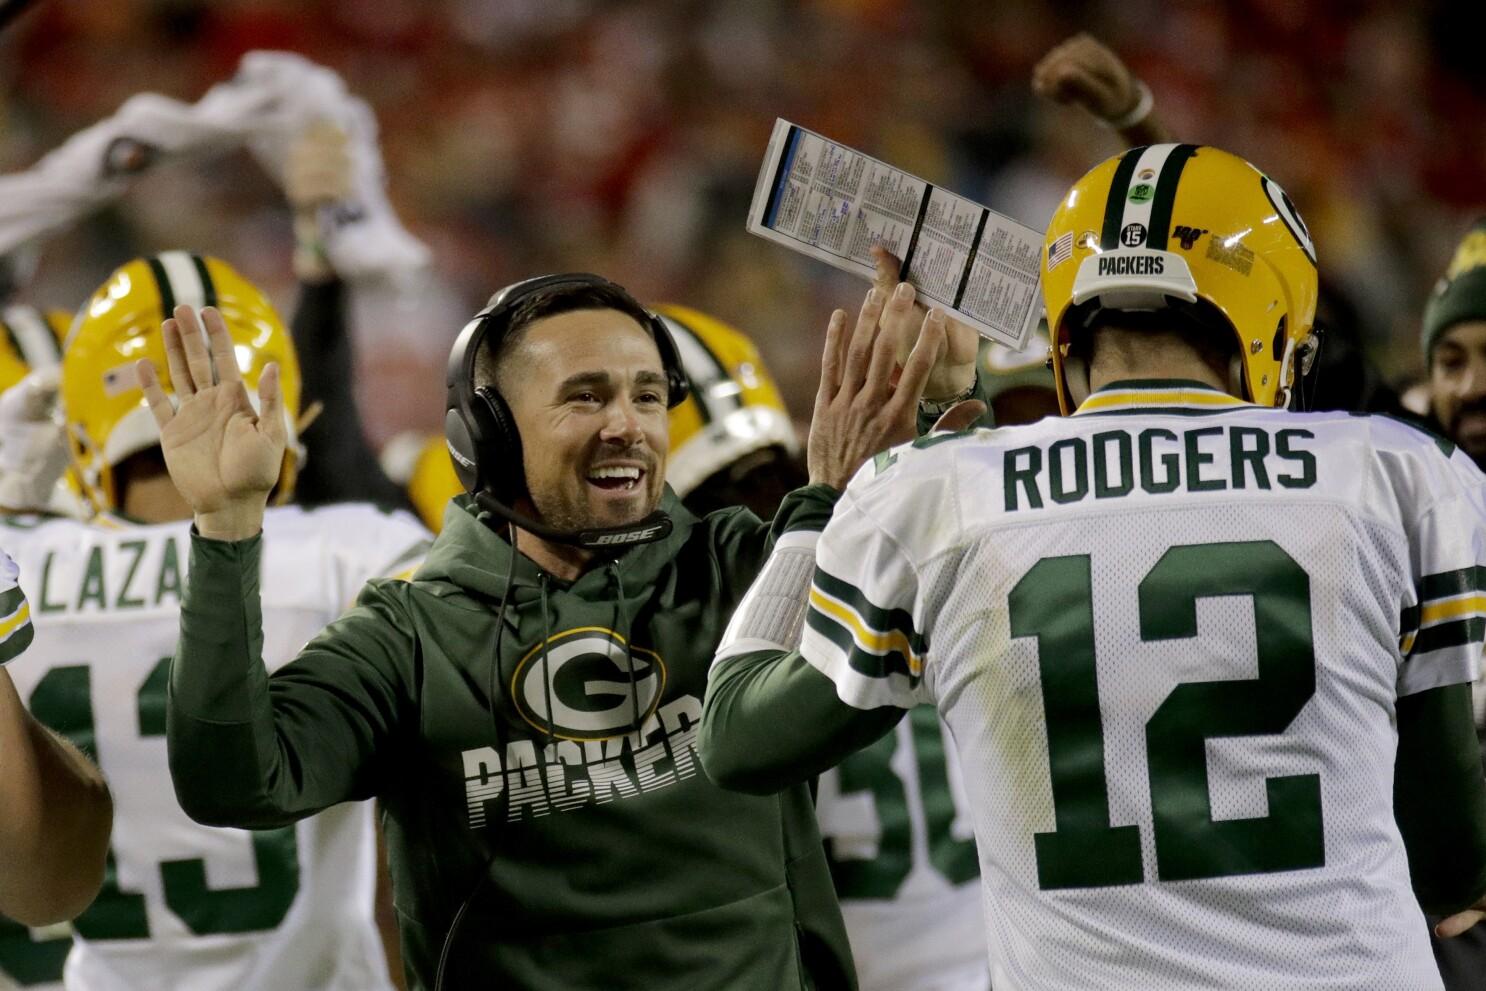 Matt LaFleur - najlepší ofenzívny play-caller súčasnej NFL? - Green Bay  Packers SK/CZ